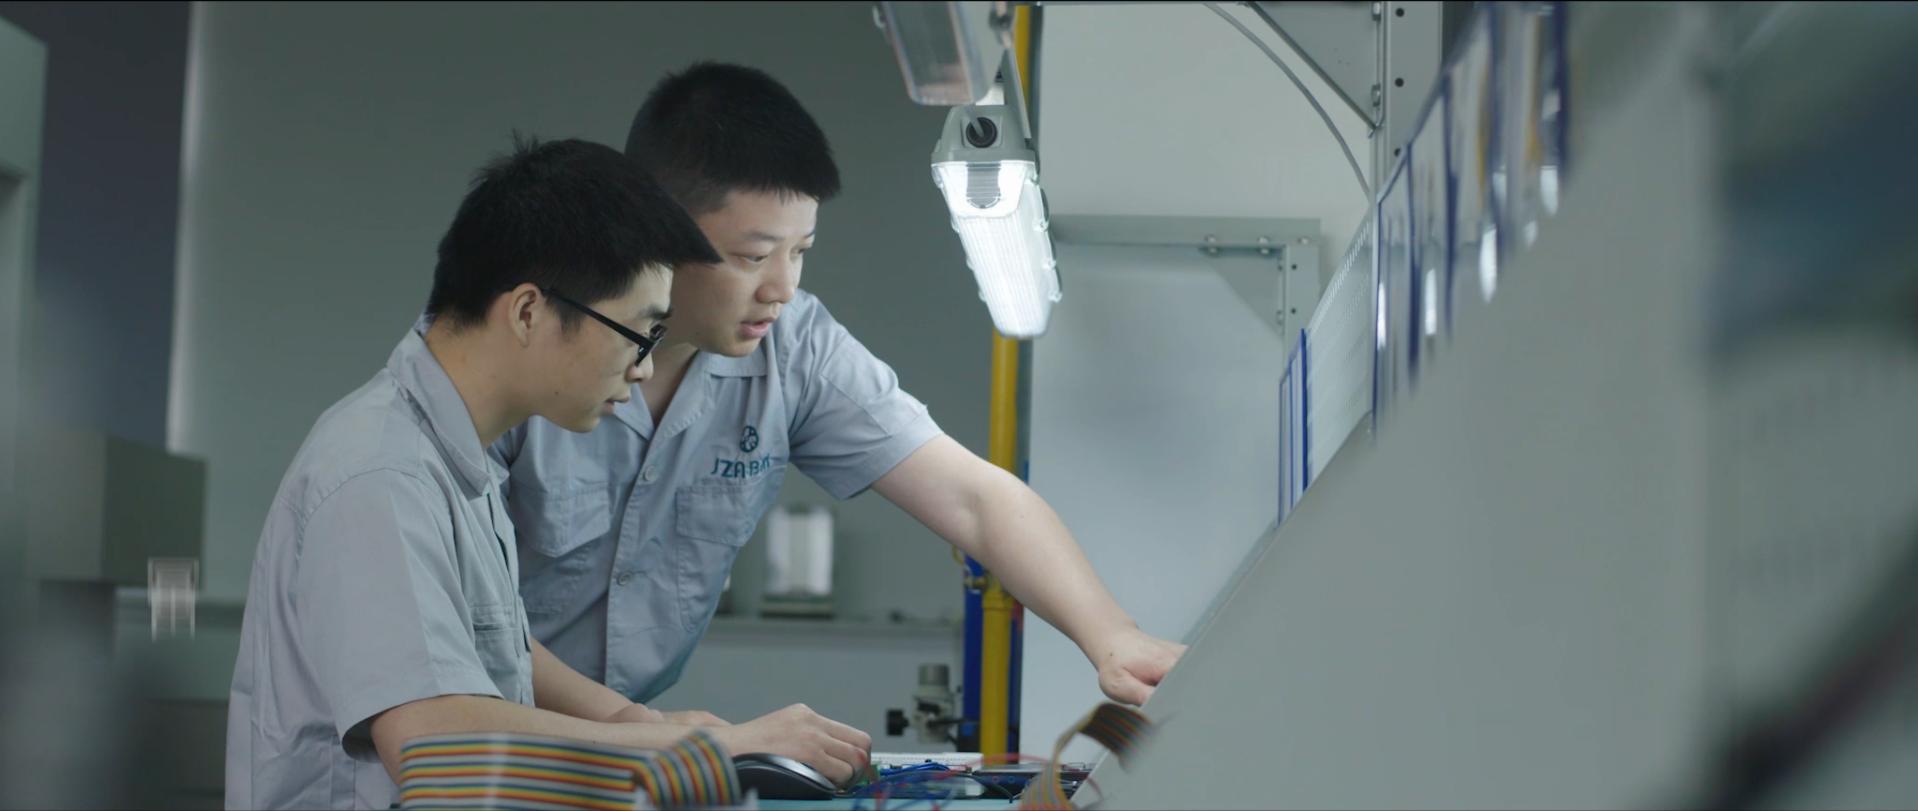 集智平衡机,为中国制造提升精度和速度